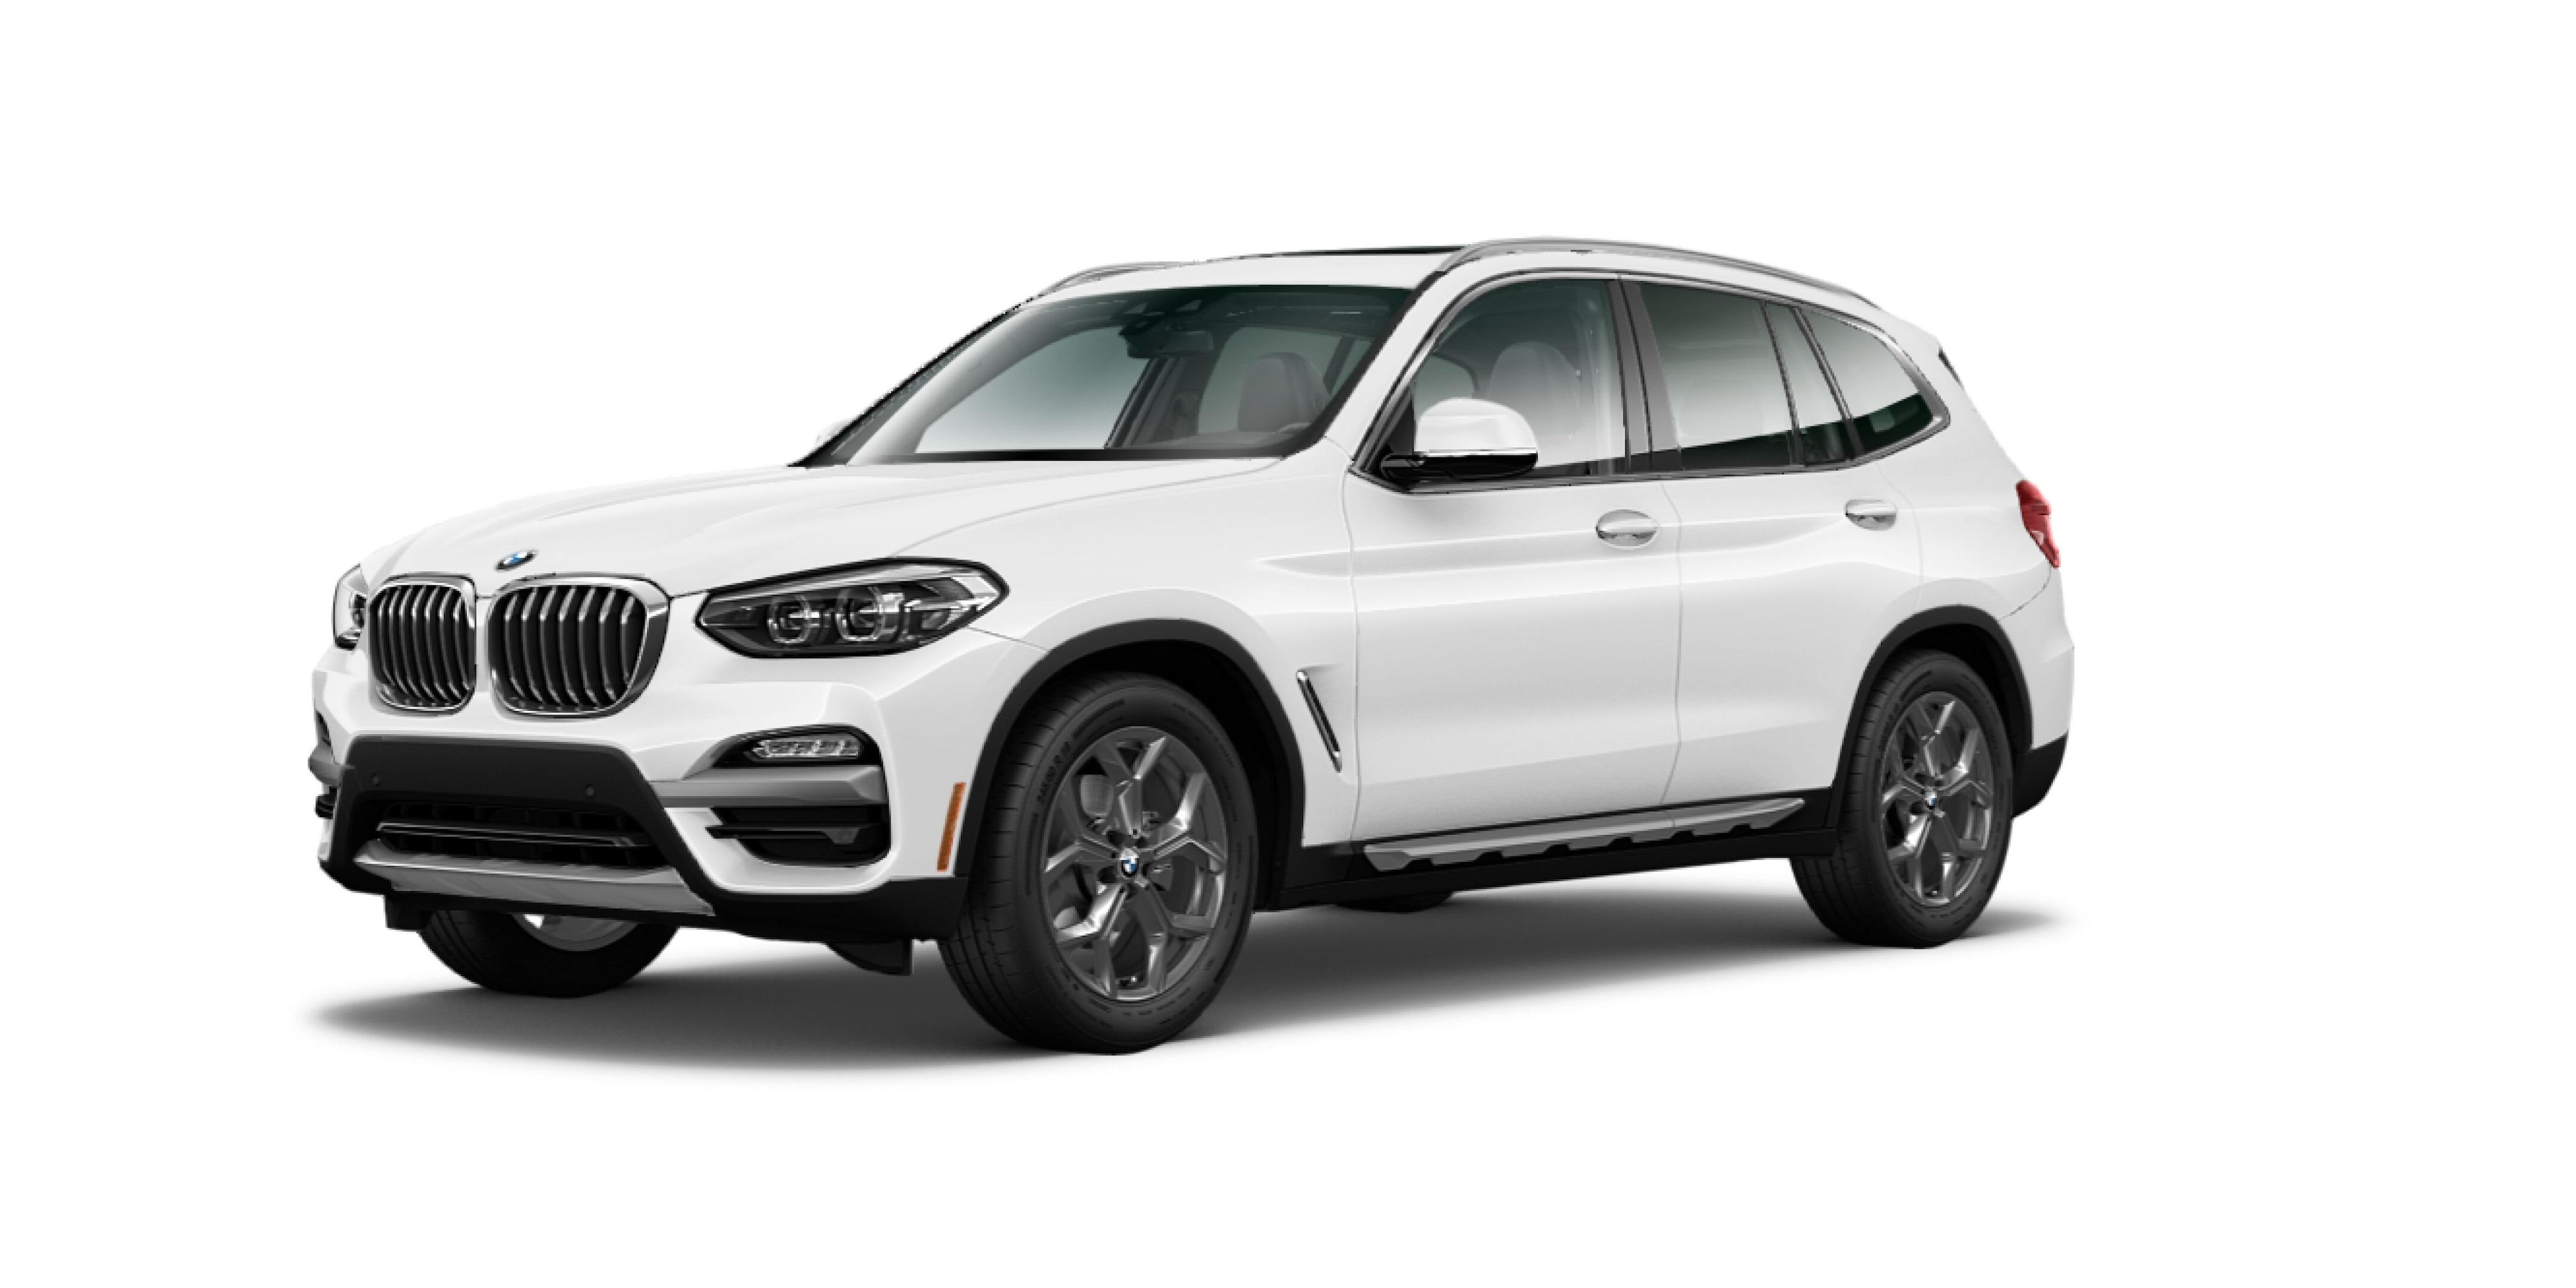 NEW GENUINE BMW 1 SERIES 2 SERIES 3 SERIES X1 X3 Z4 CHROME BUSINESS RADIO KNOB